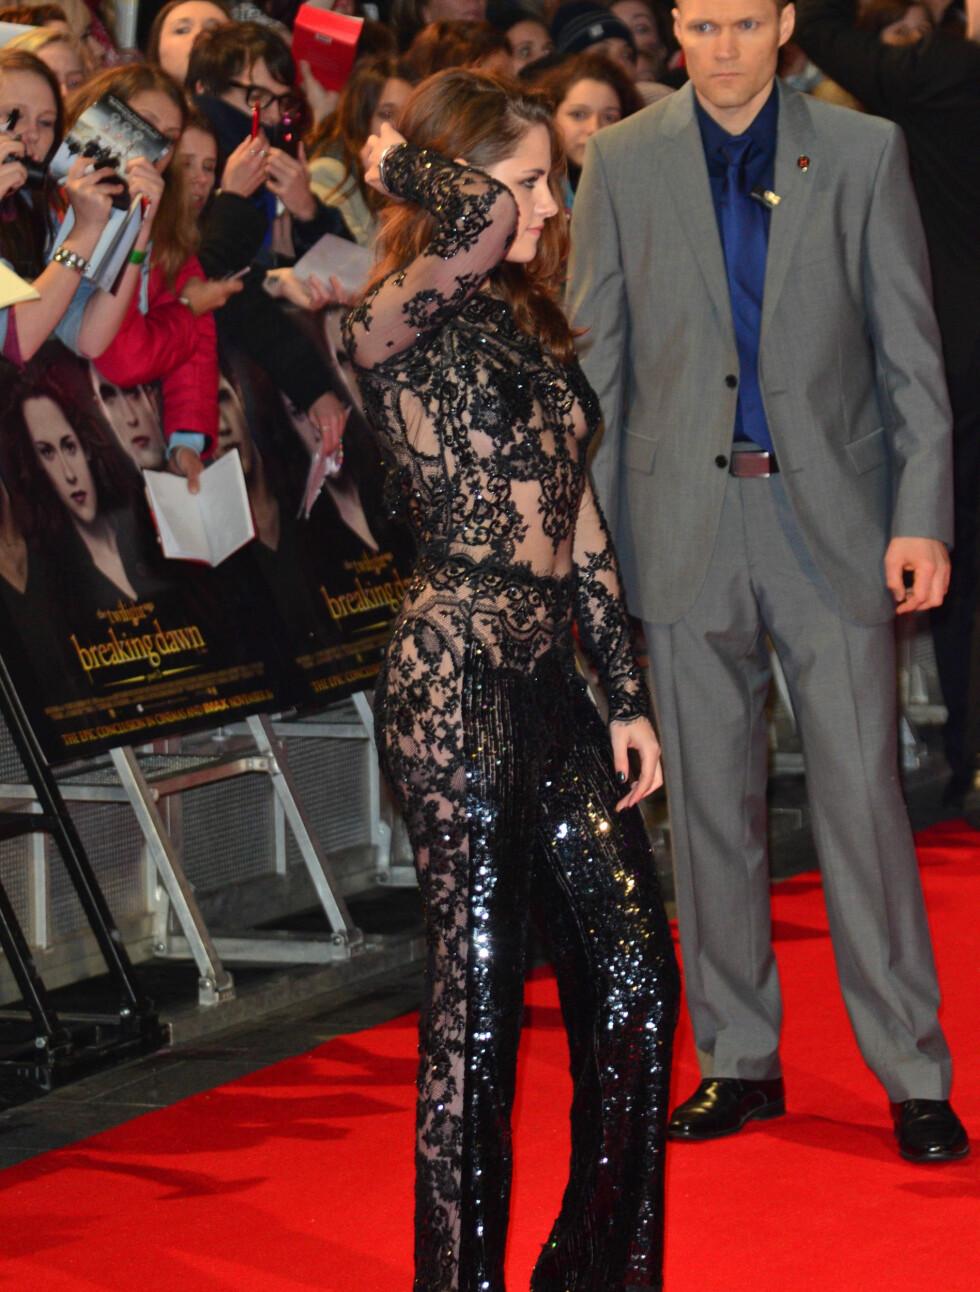 POSERTE VILLIG: Det virker som Kristen Stewart har fått mer selvtillitt den siste tiden.  Foto: All Over Press